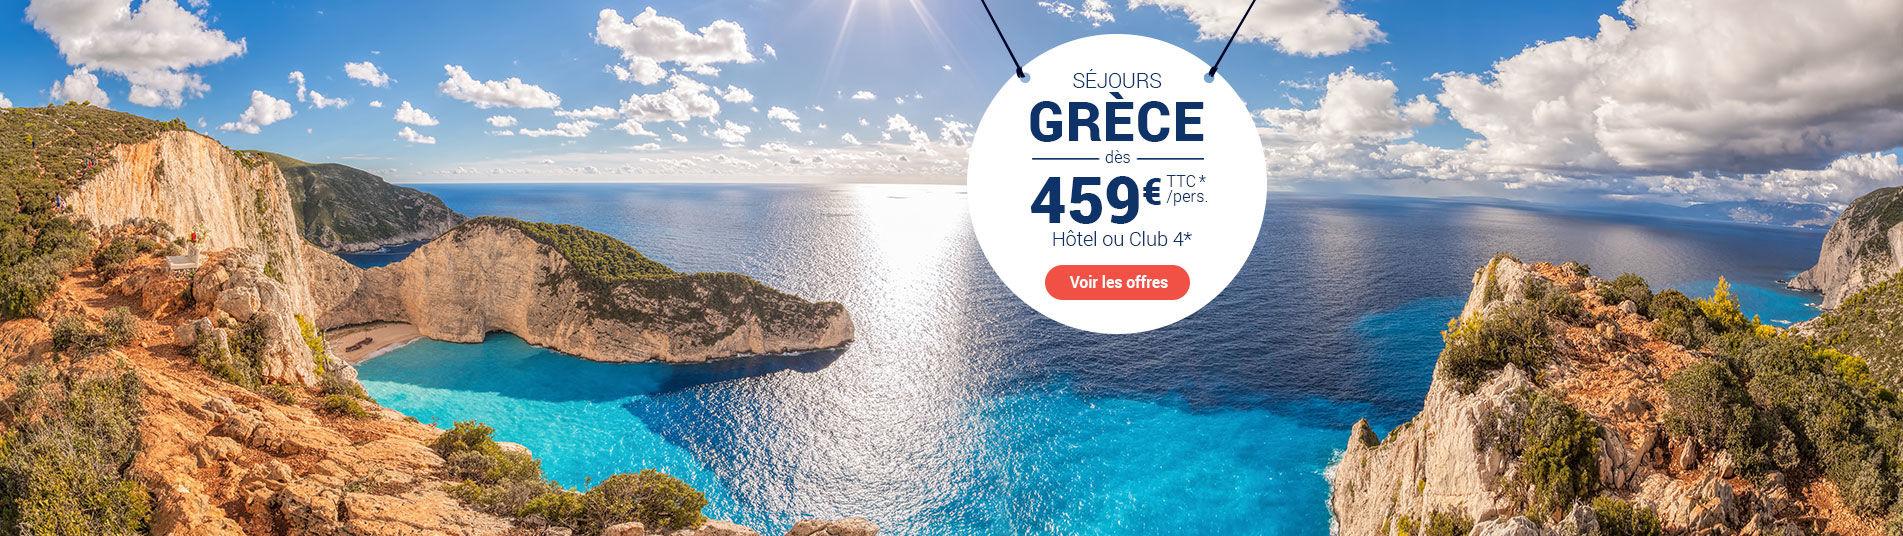 Eau turquoise en Grèce